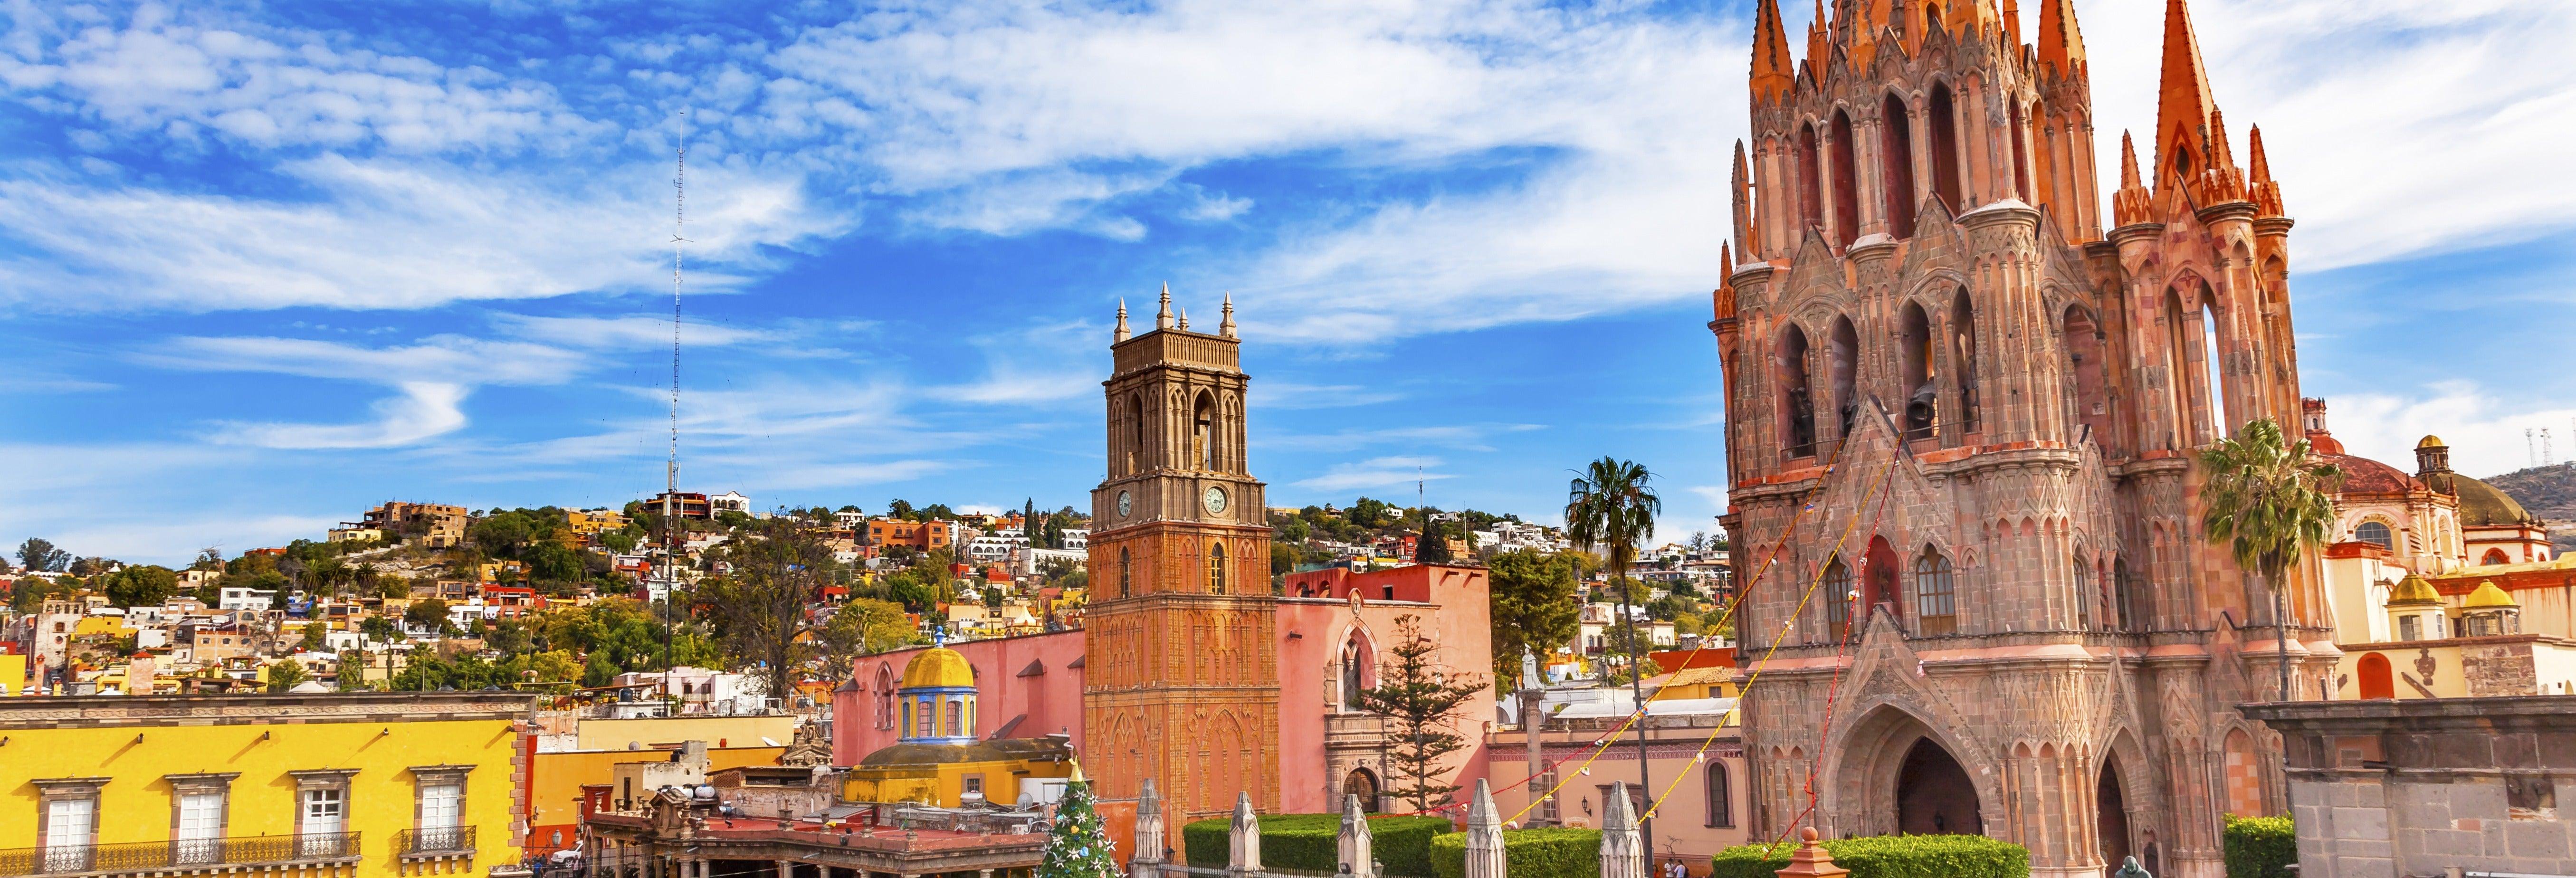 Day Trip to San Miguel de Allende